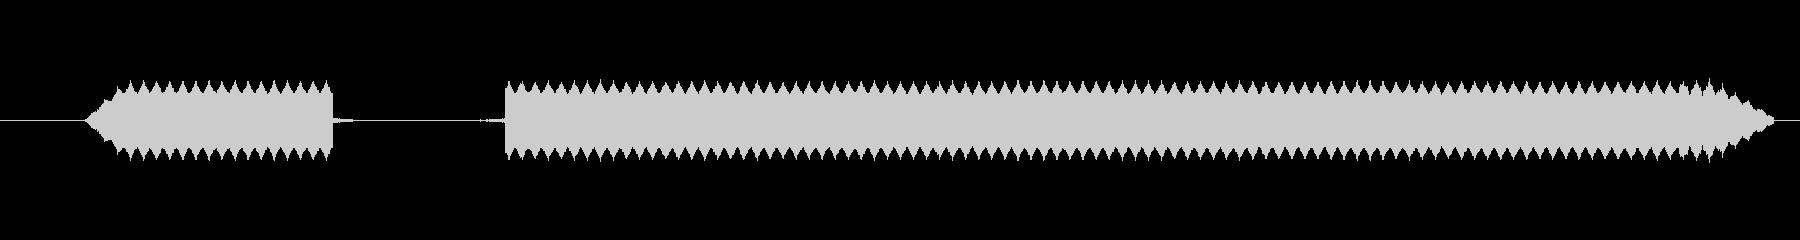 ブブー【エラー音、ブザー、不正解、失敗】の未再生の波形